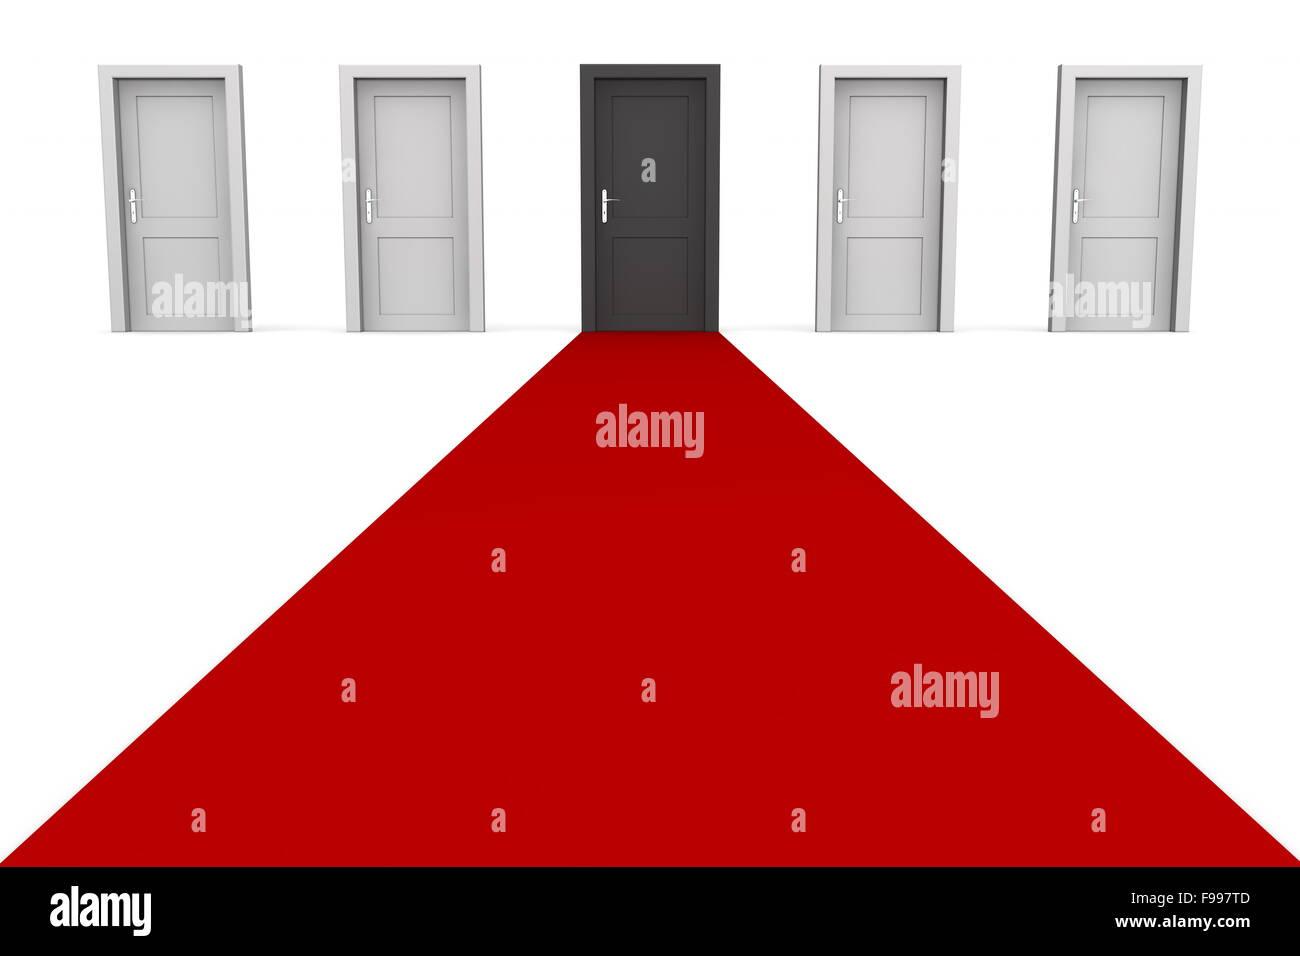 Cinco puertas y una alfombra roja - Negro Imagen De Stock